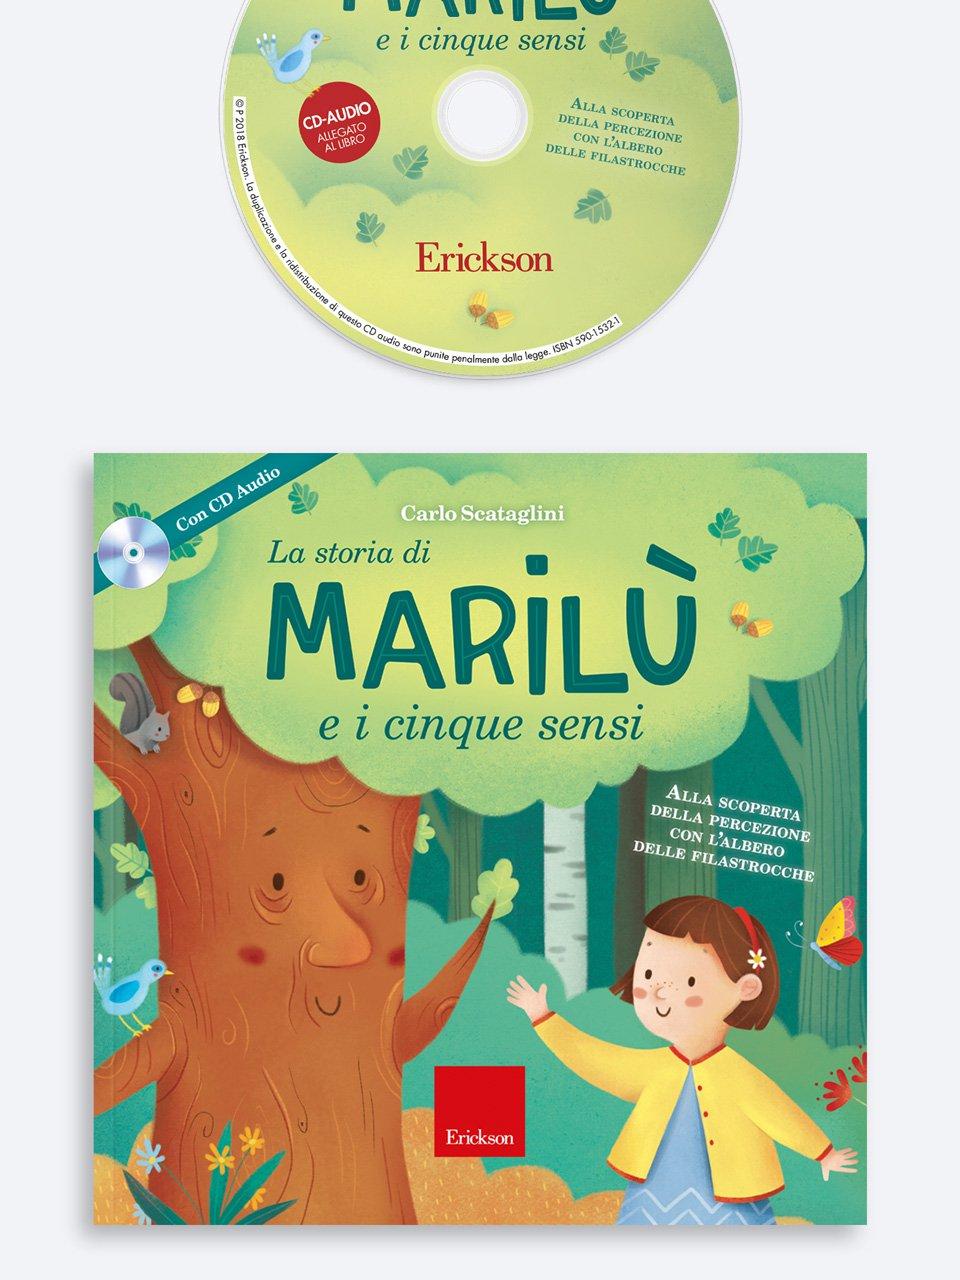 La storia di Marilù e i 5 sensi - L'incantesimo di Rocco - App e software - Erickson